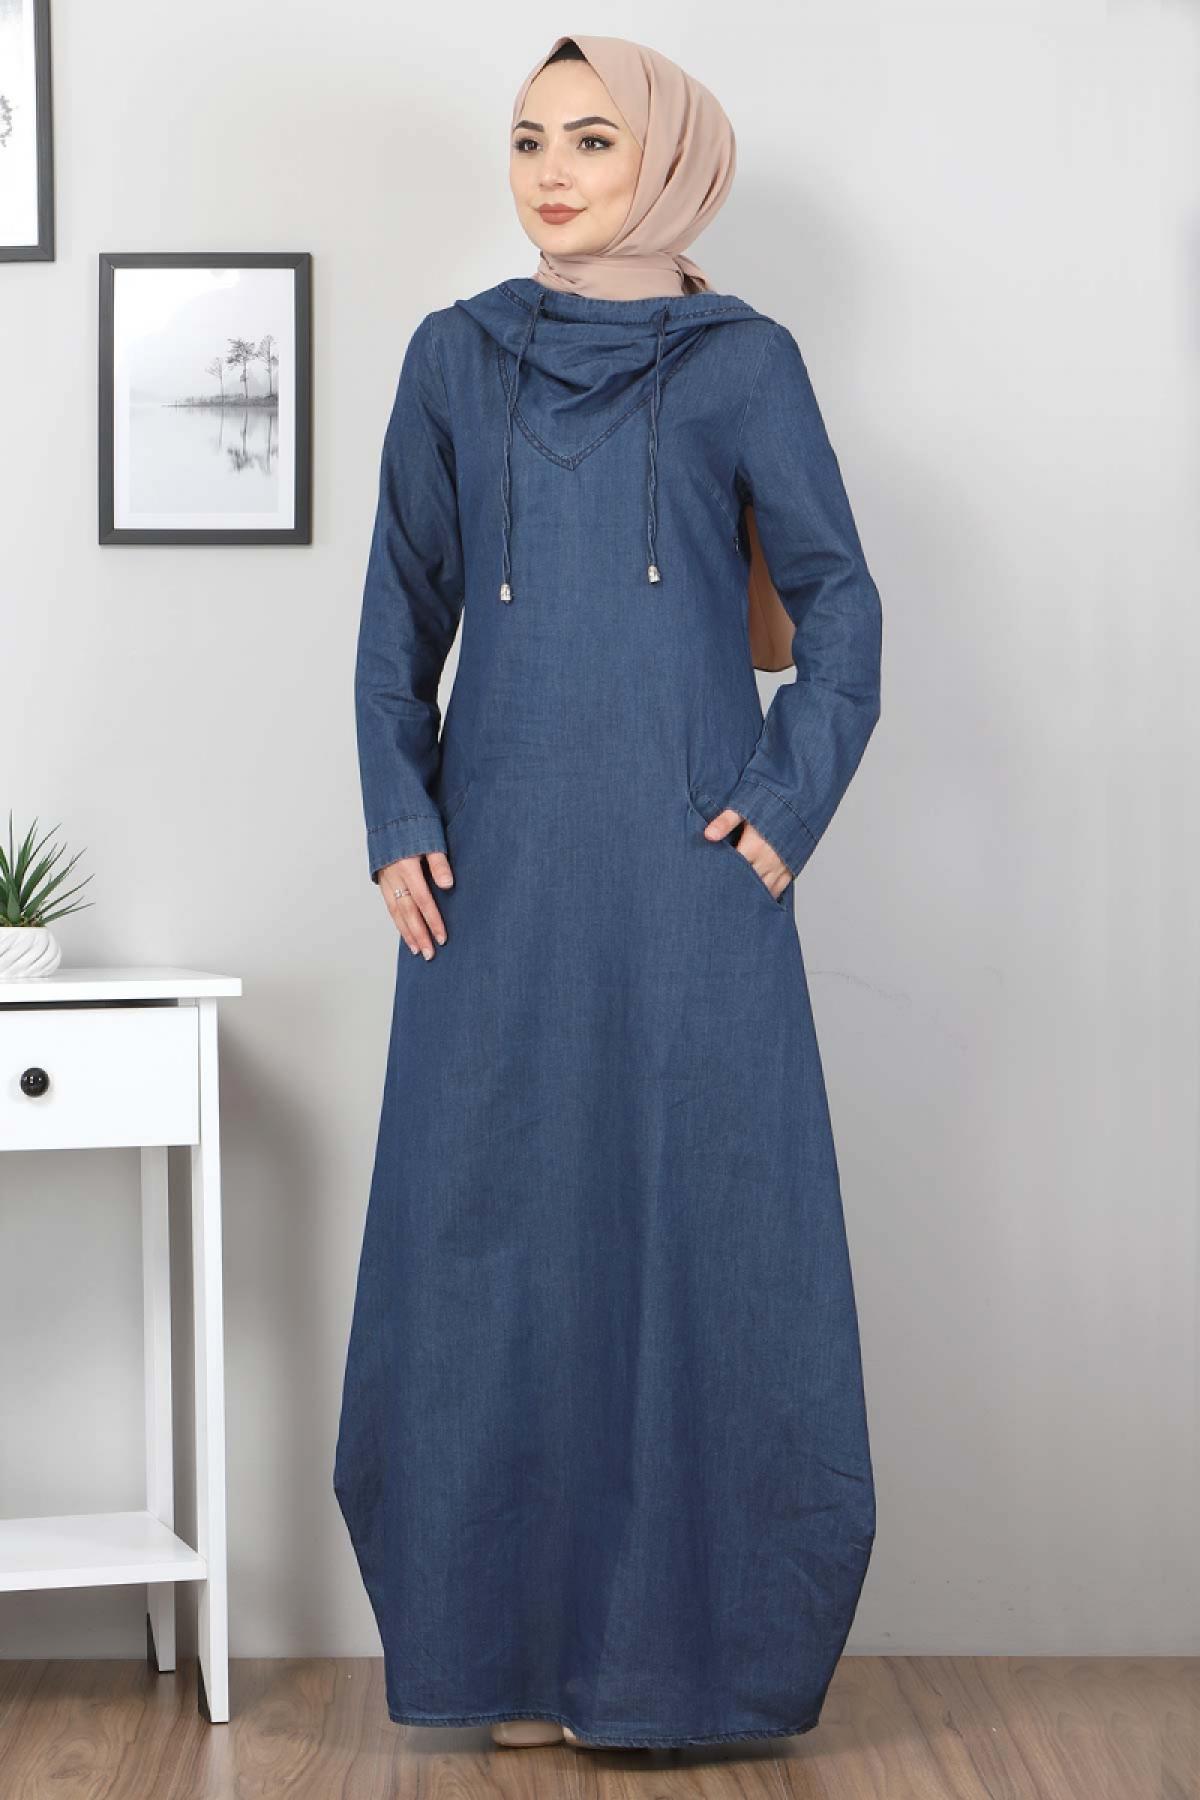 Kapşonlu Kot Elbise TSD4032 Koyu Mavi